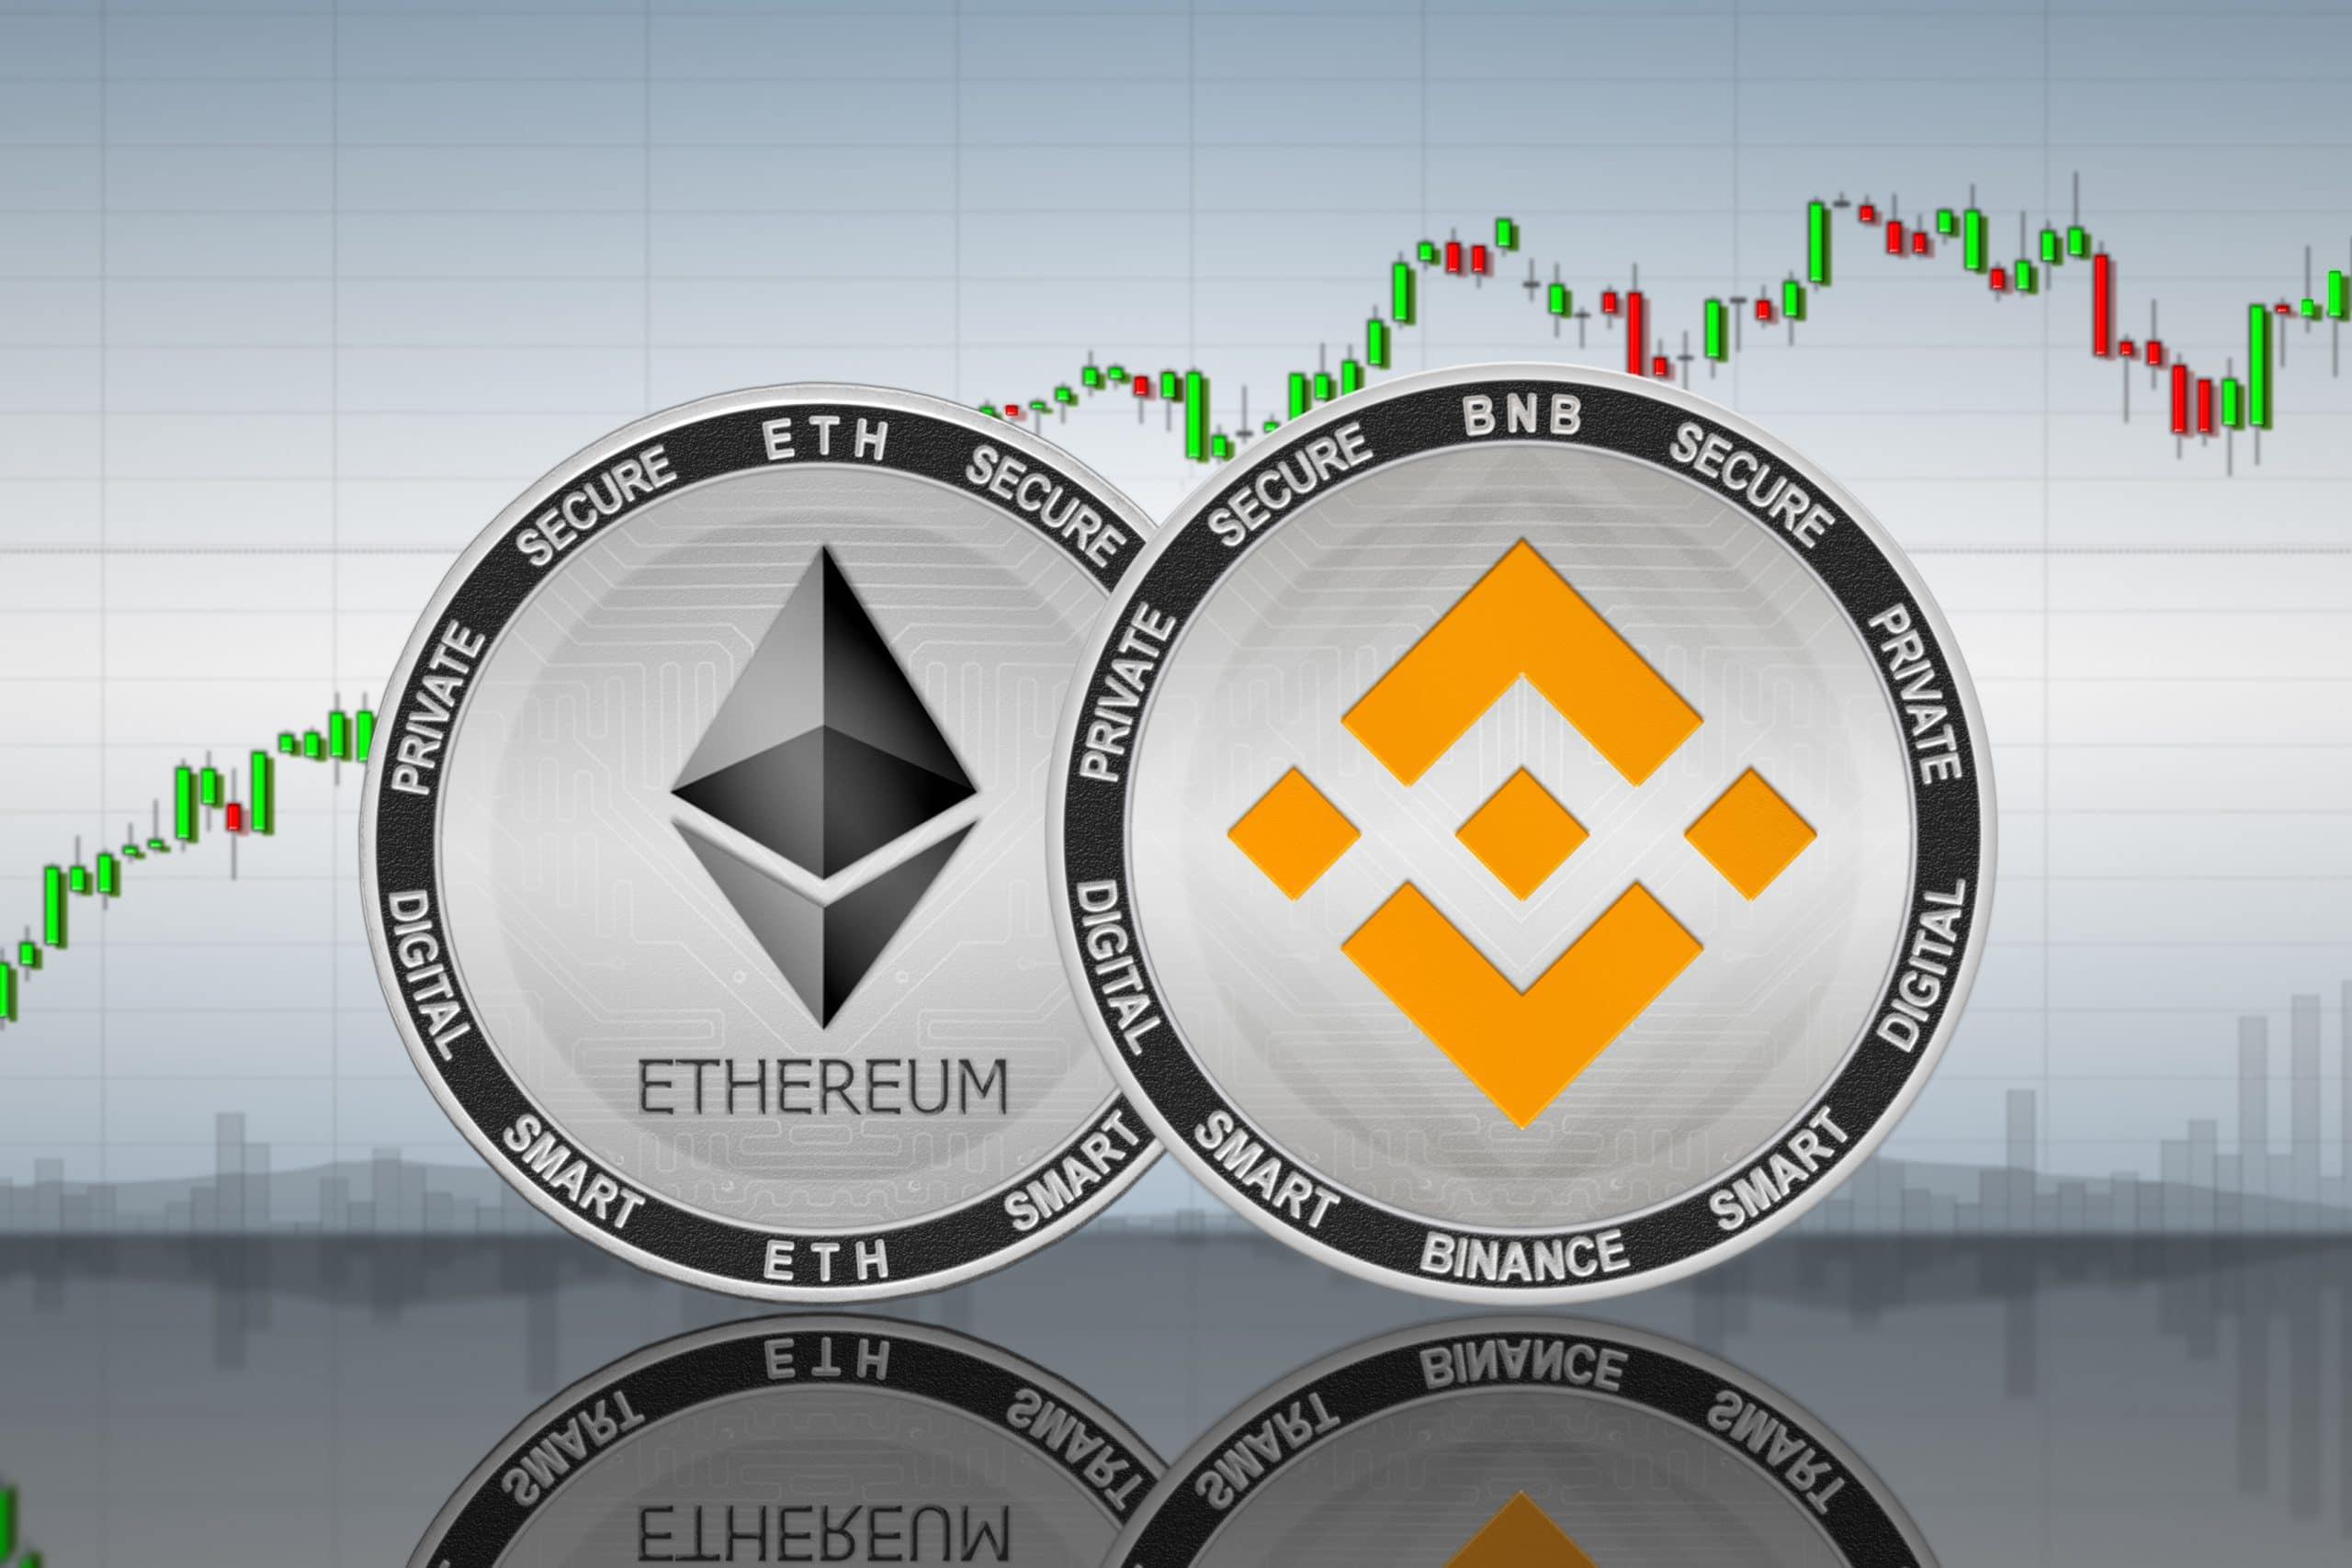 Ethereum und BNB in der Korrektur – Cardano zeigt sich weiter bullish - BTC-ECHO